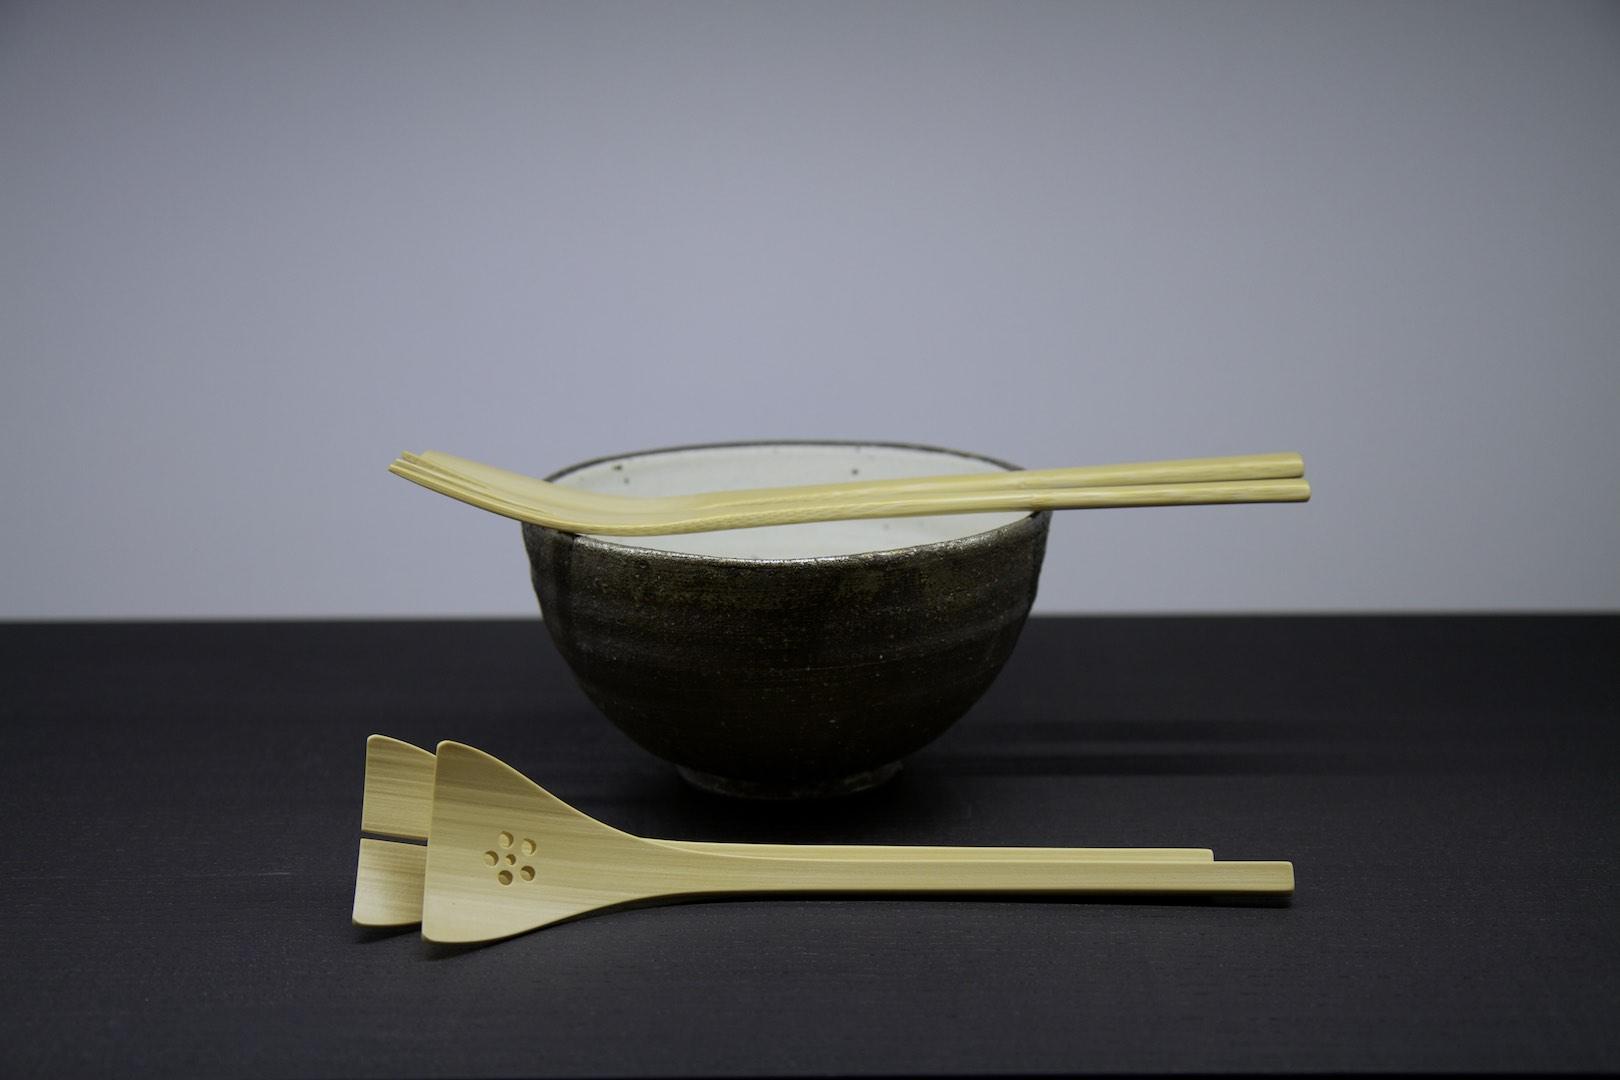 Kai-kobo salad cutlery